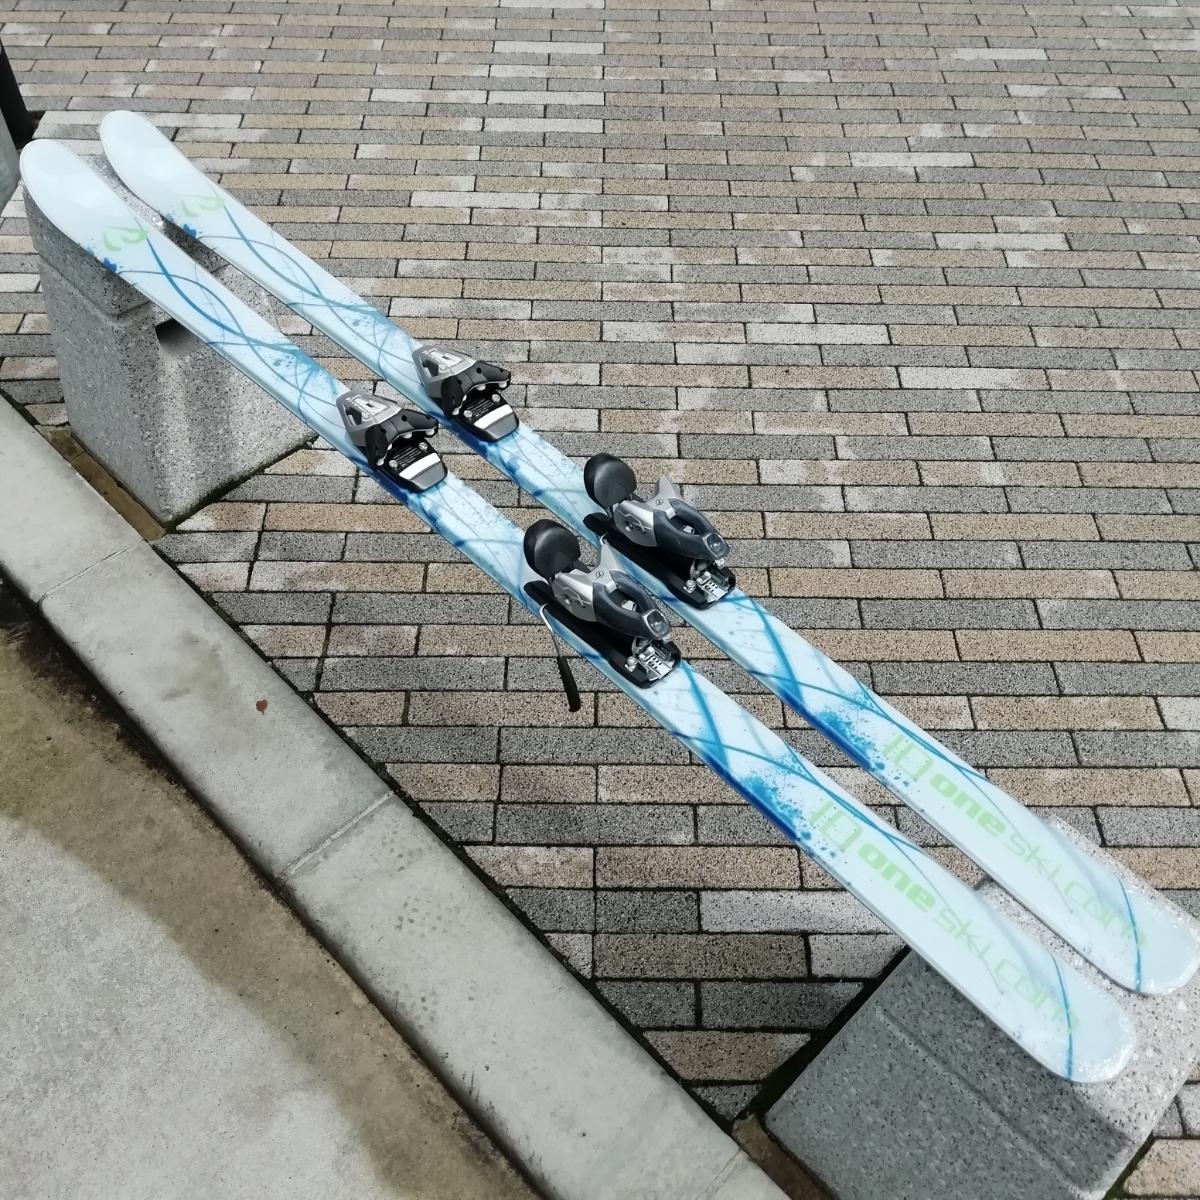 ID-one MR-D 166cm + チロリアSX-10 アイスブルー idone アイディーワン 新品 セット モーグル